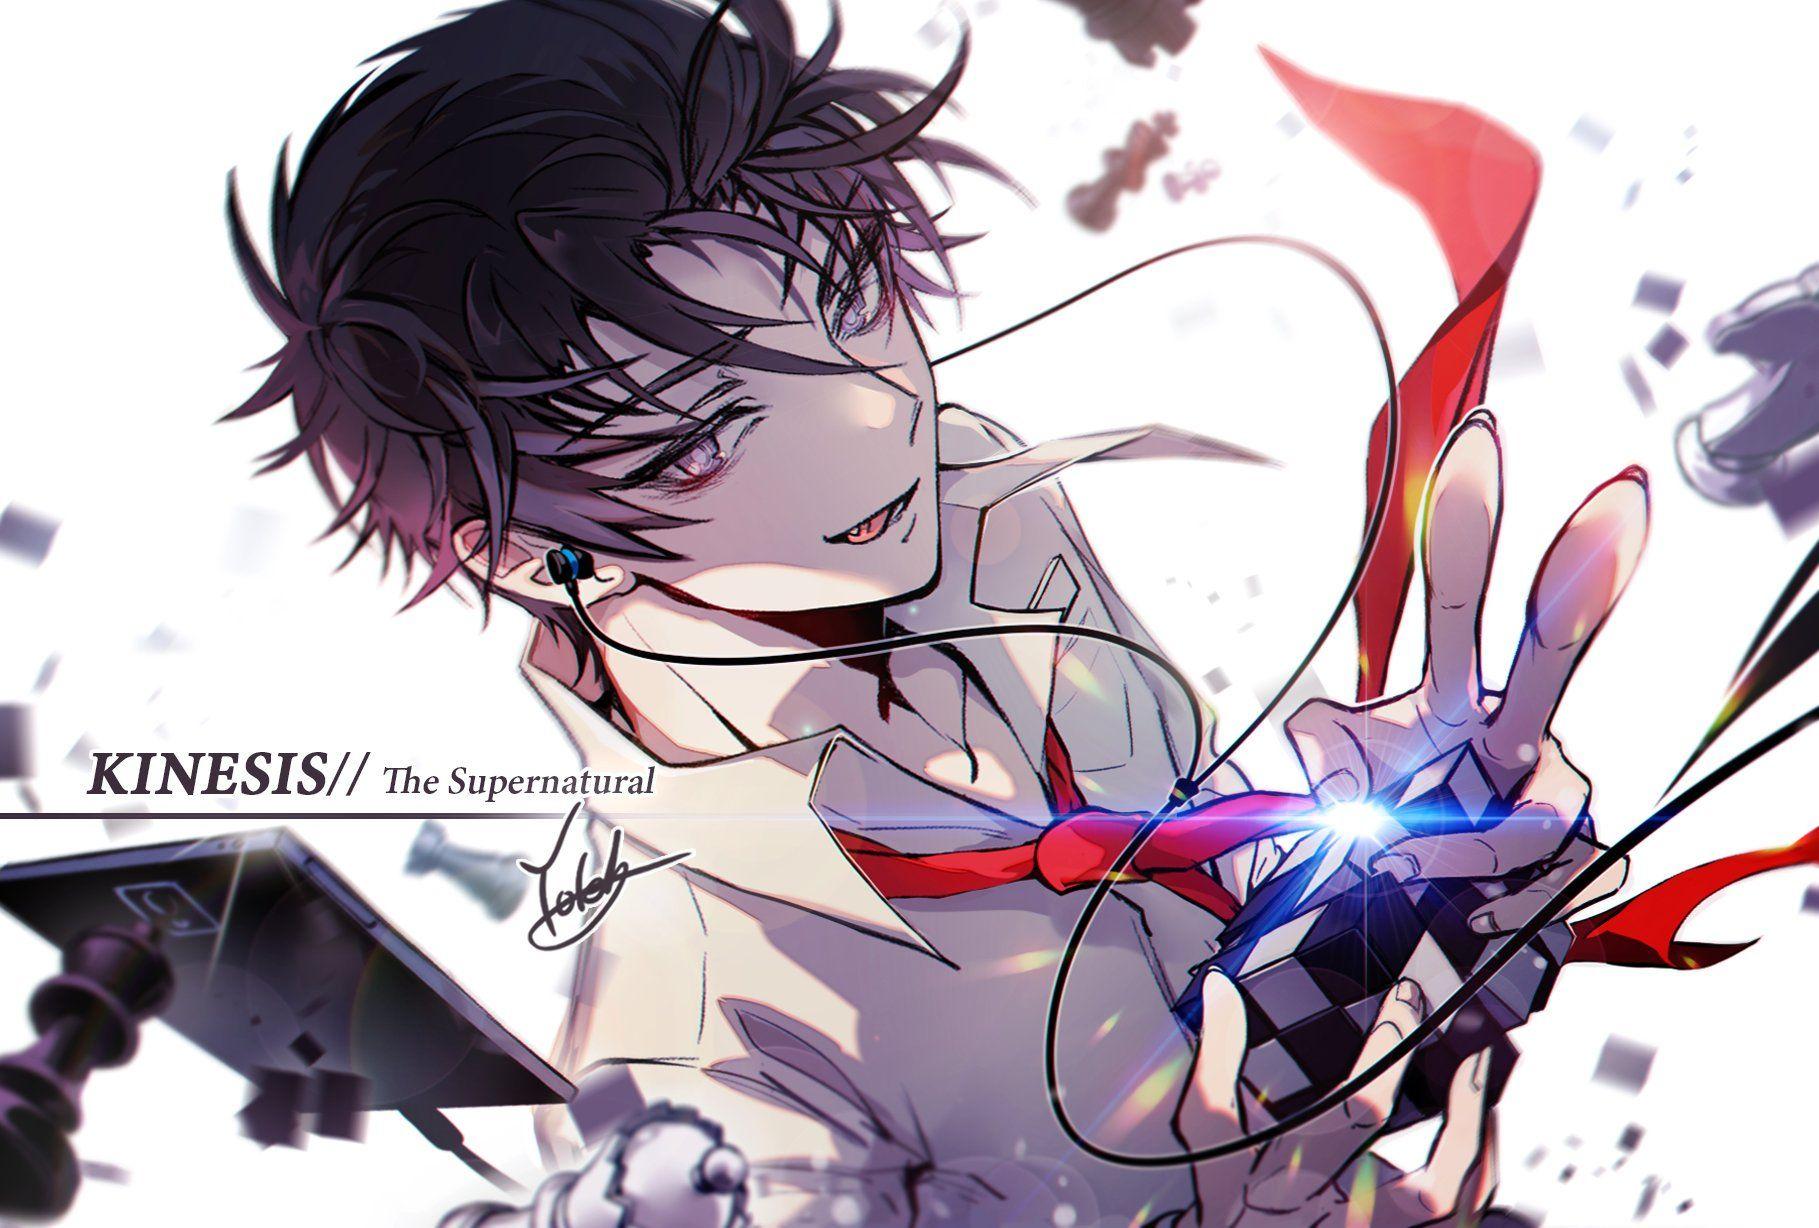 Kinesis Maplestory Artist 요테/ʏᴏᴛᴇʜ (twitter) Anime